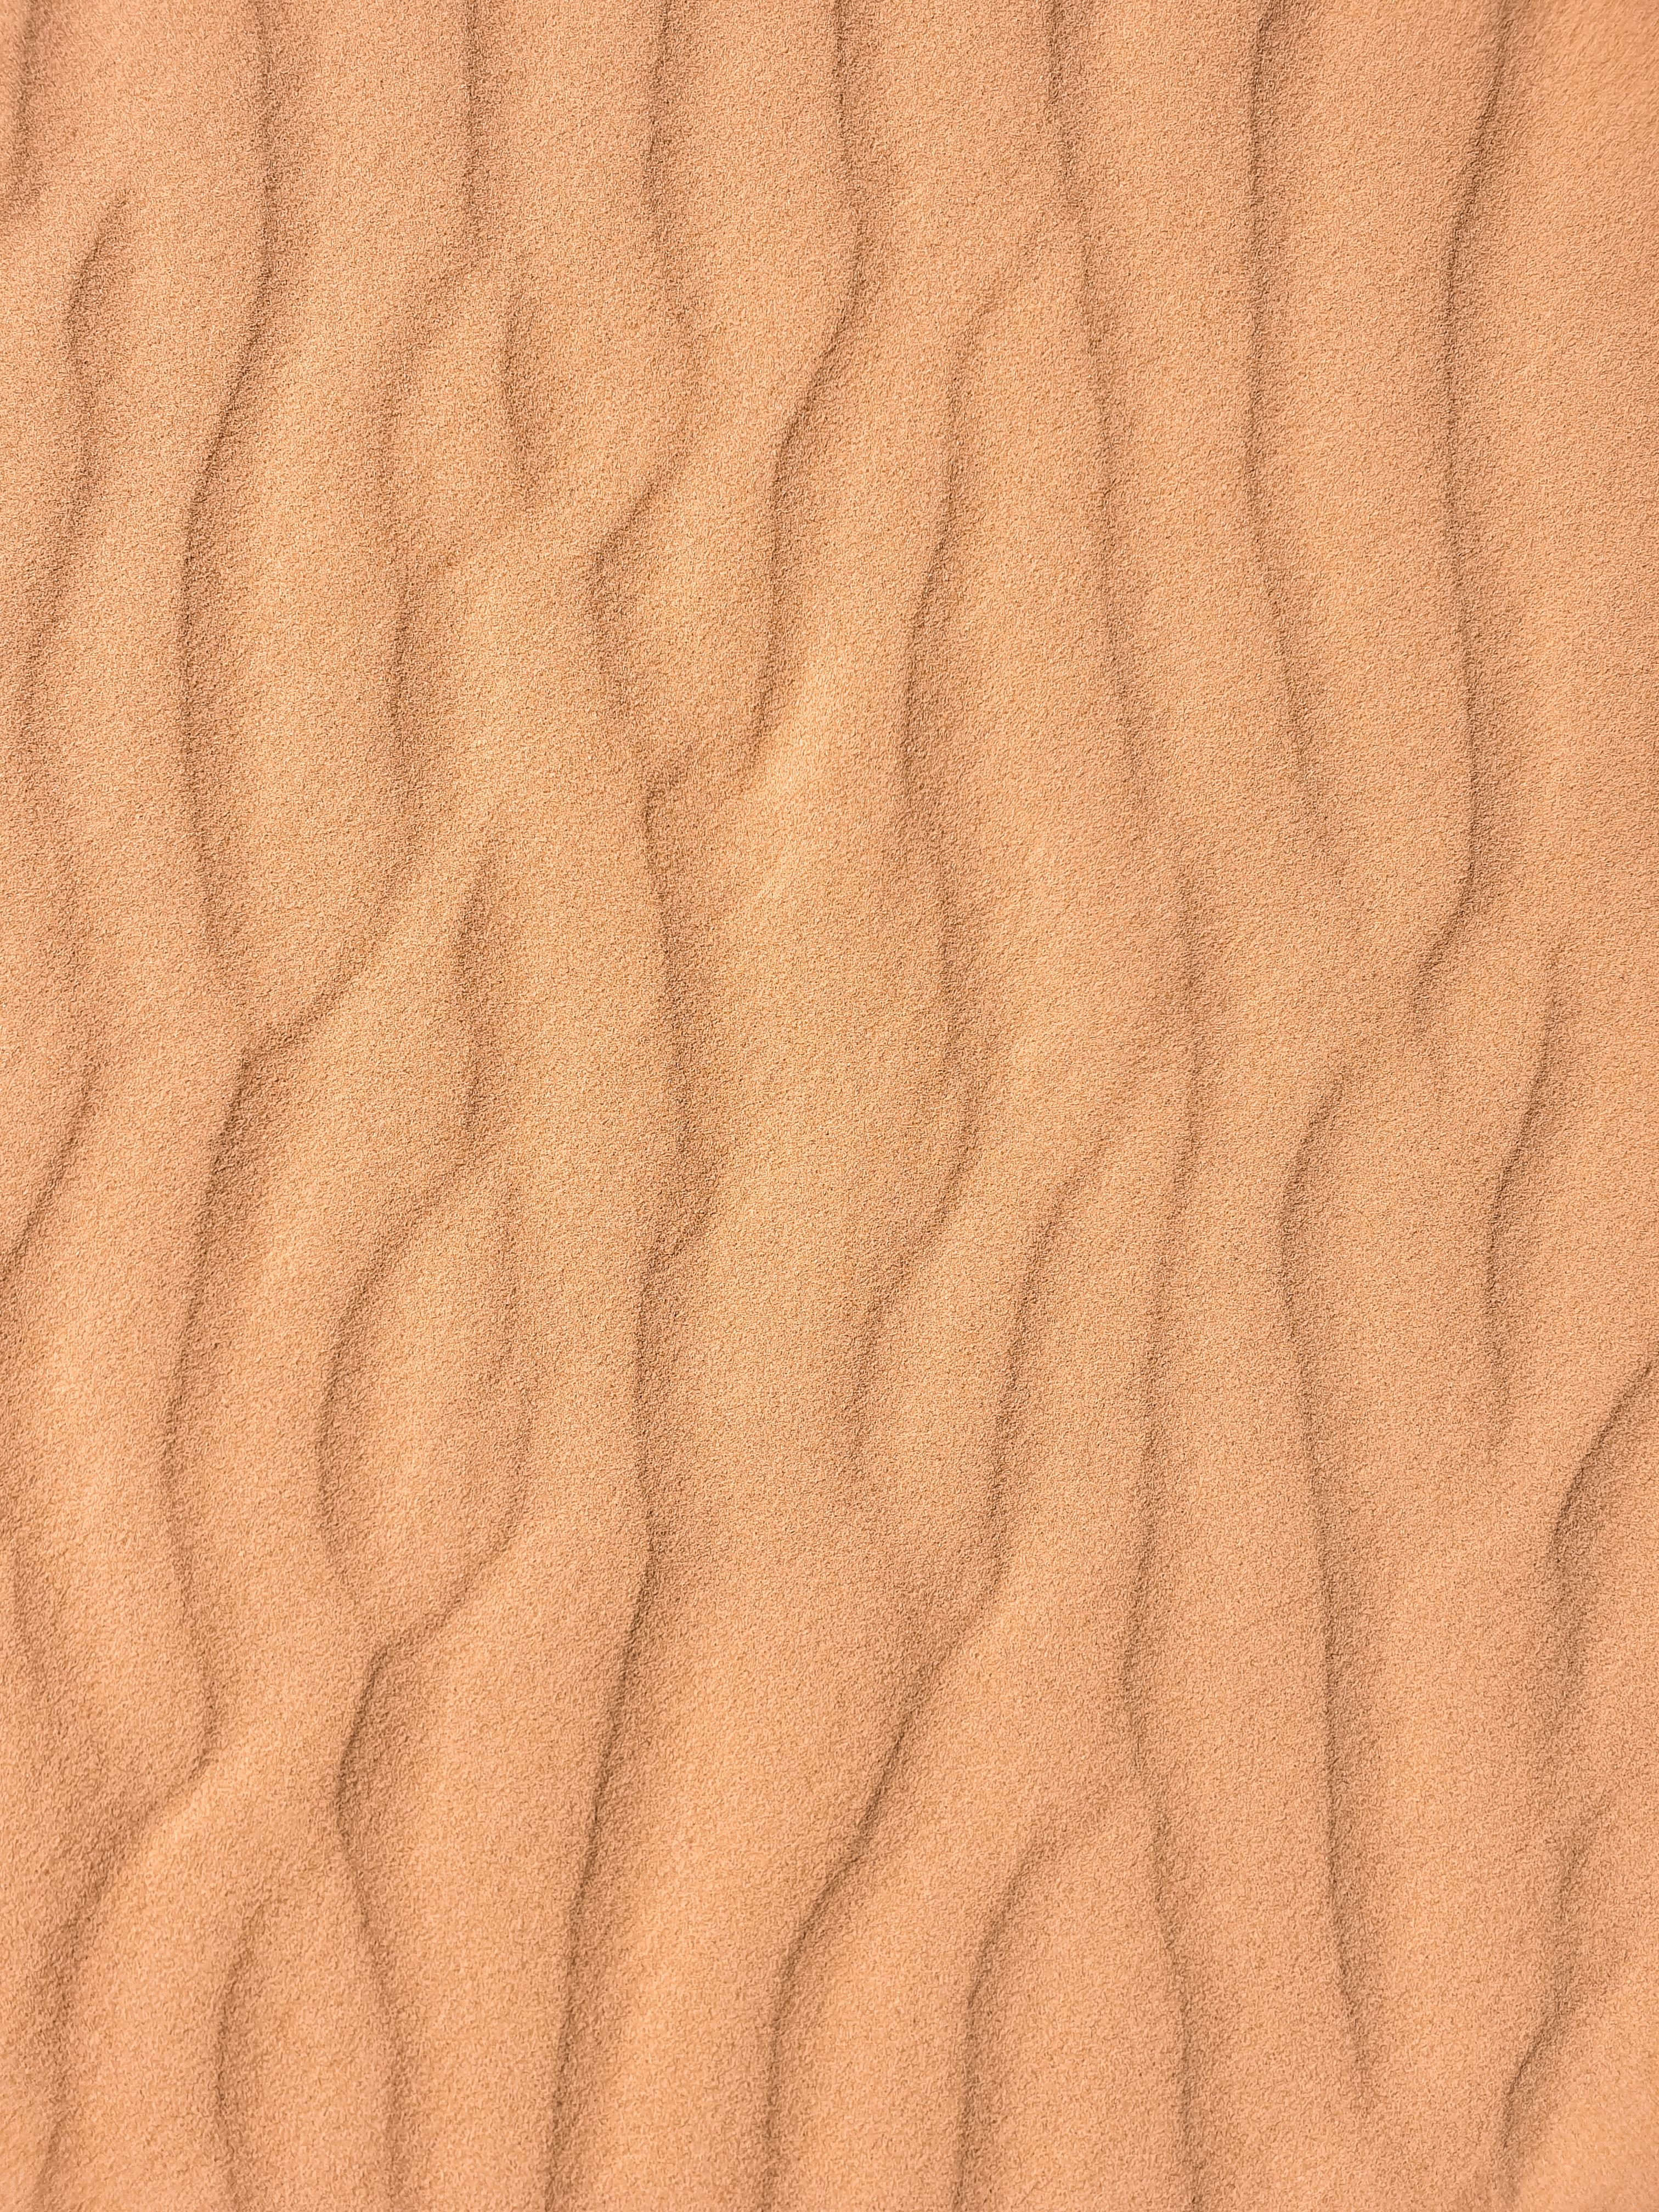 textured sandy surface in desert